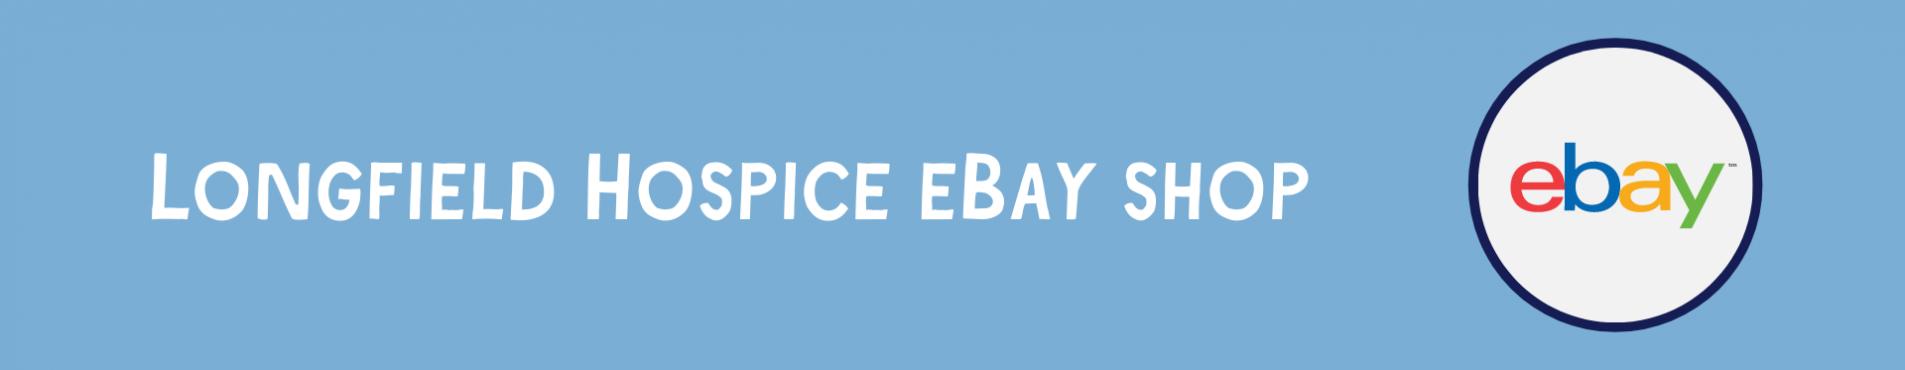 Longfield hospice eBay shop